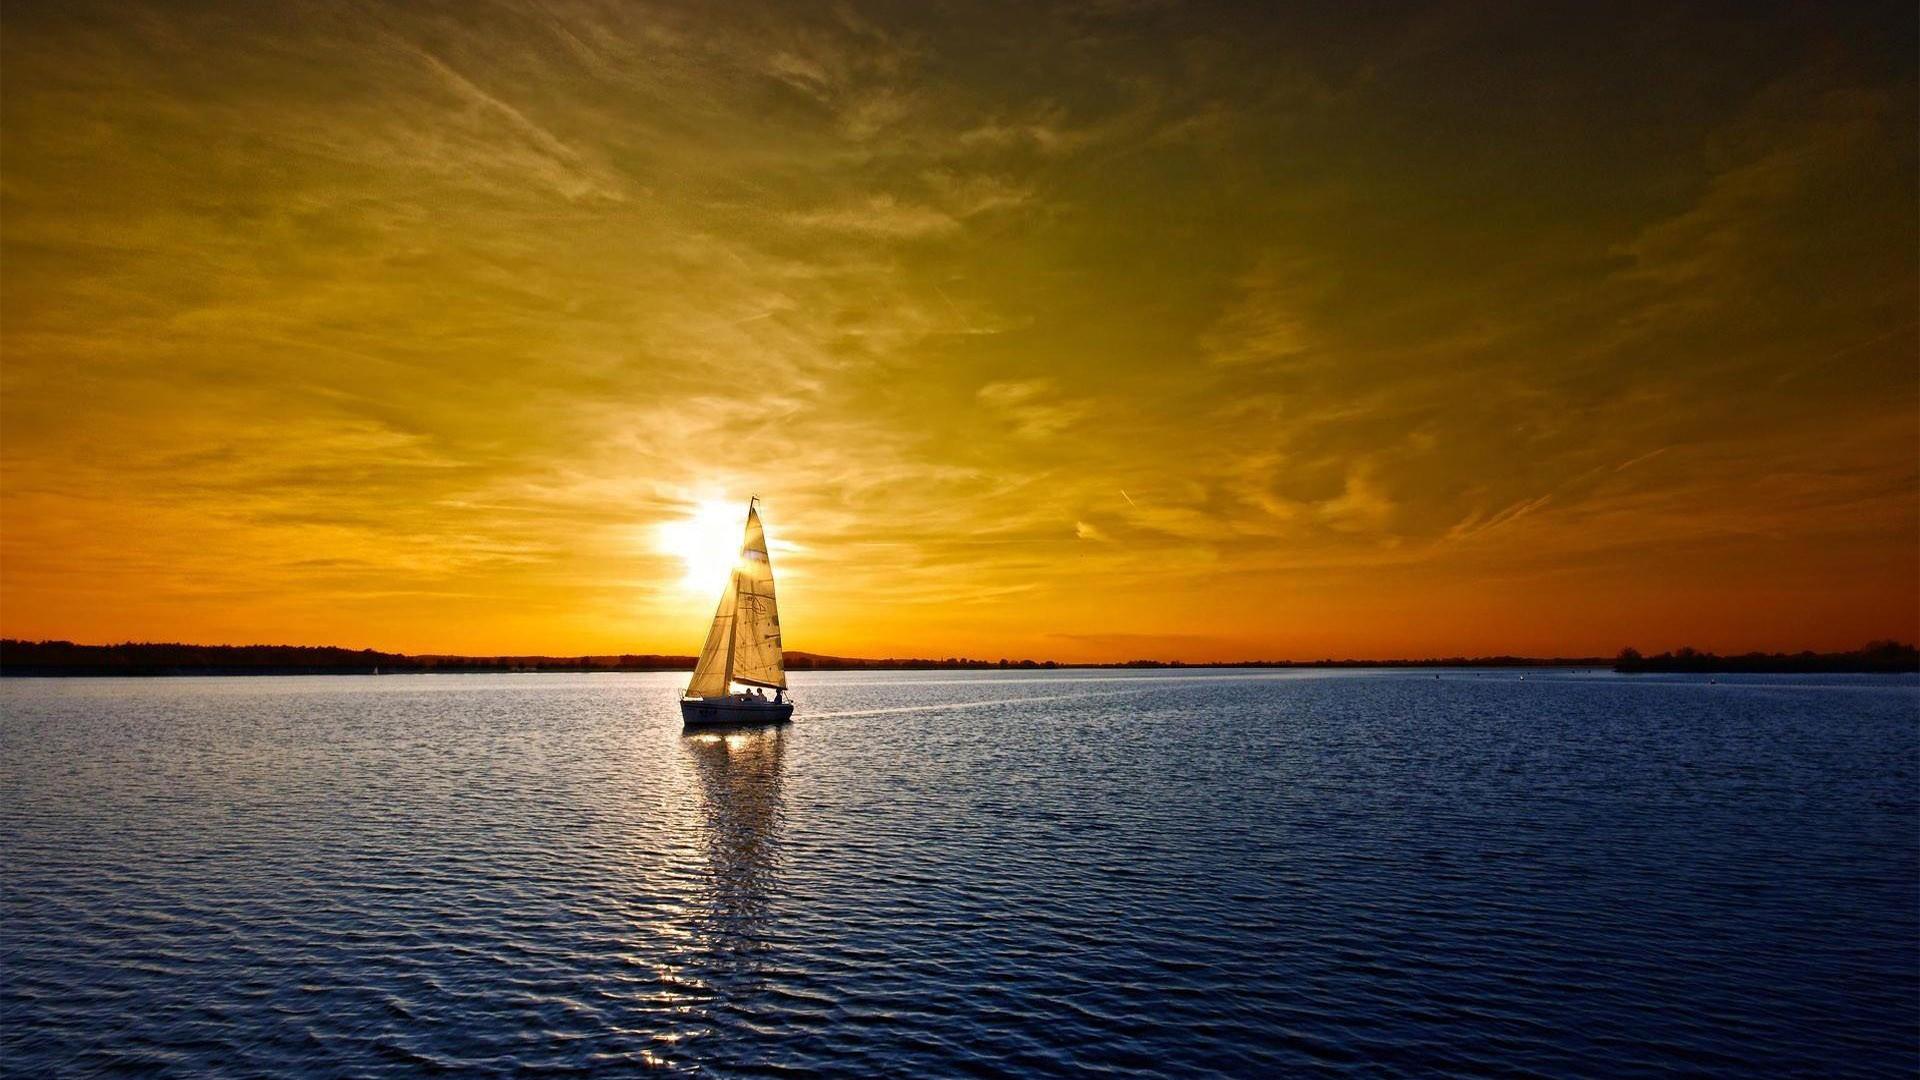 Не спокойное море в лучах заката  № 3849300 бесплатно